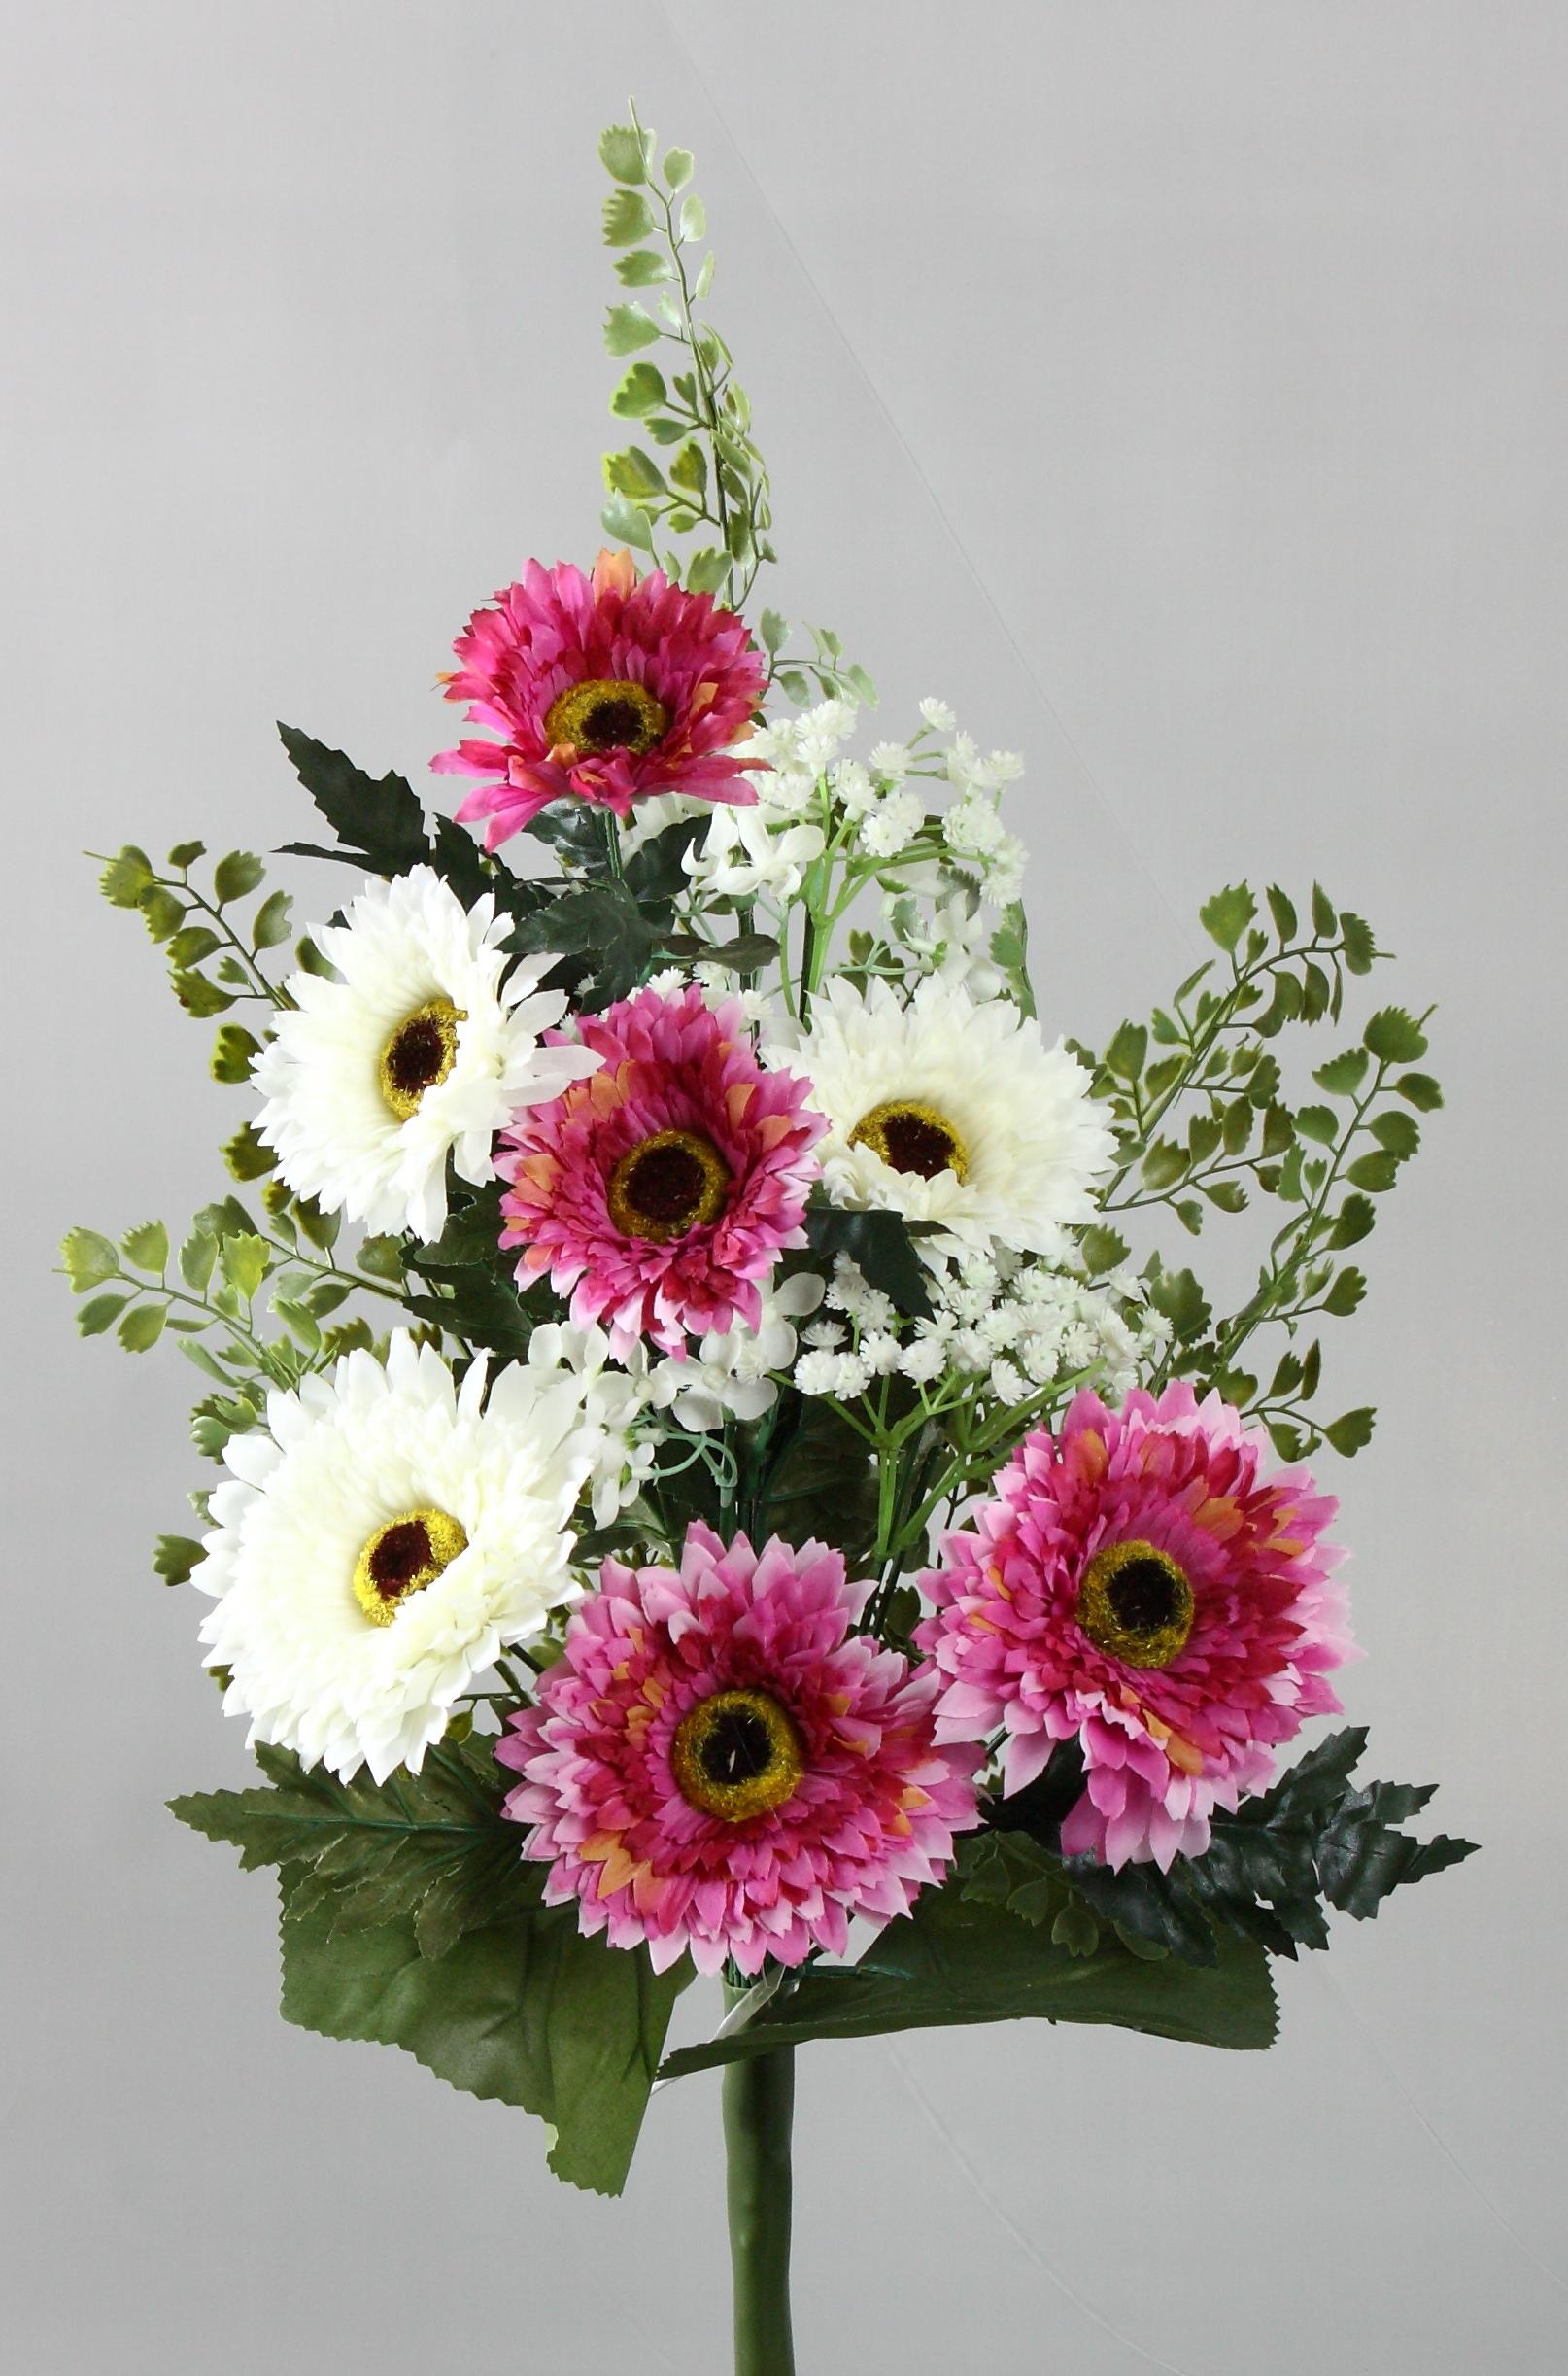 Piante fiori artificiali cicognani 51328 hotel otello for Piante artificiali